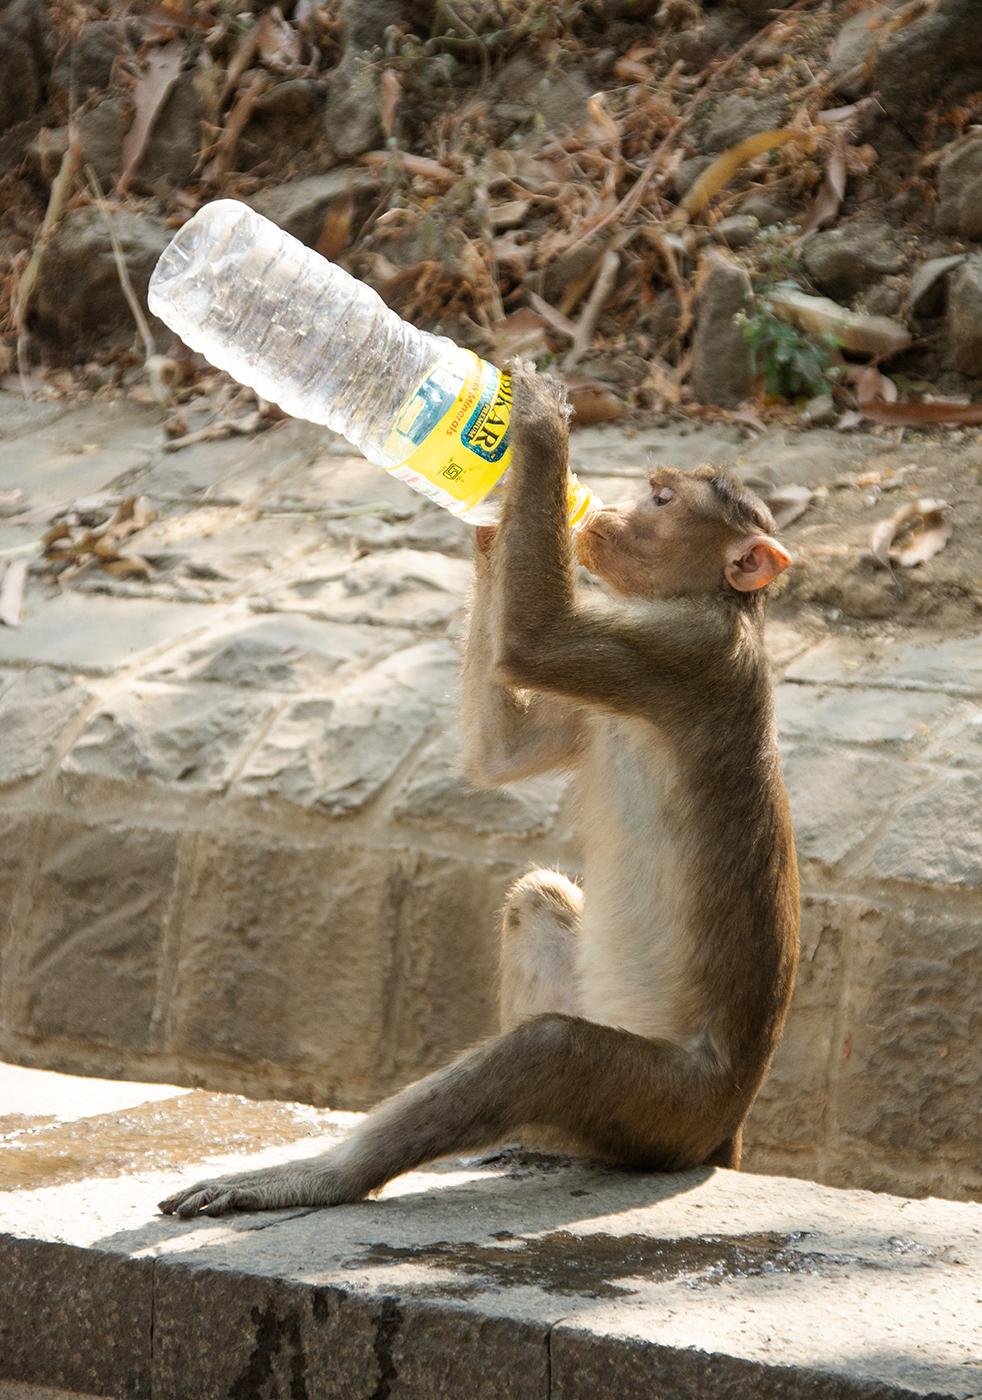 Monkey_WaterBottle_web2019.jpg